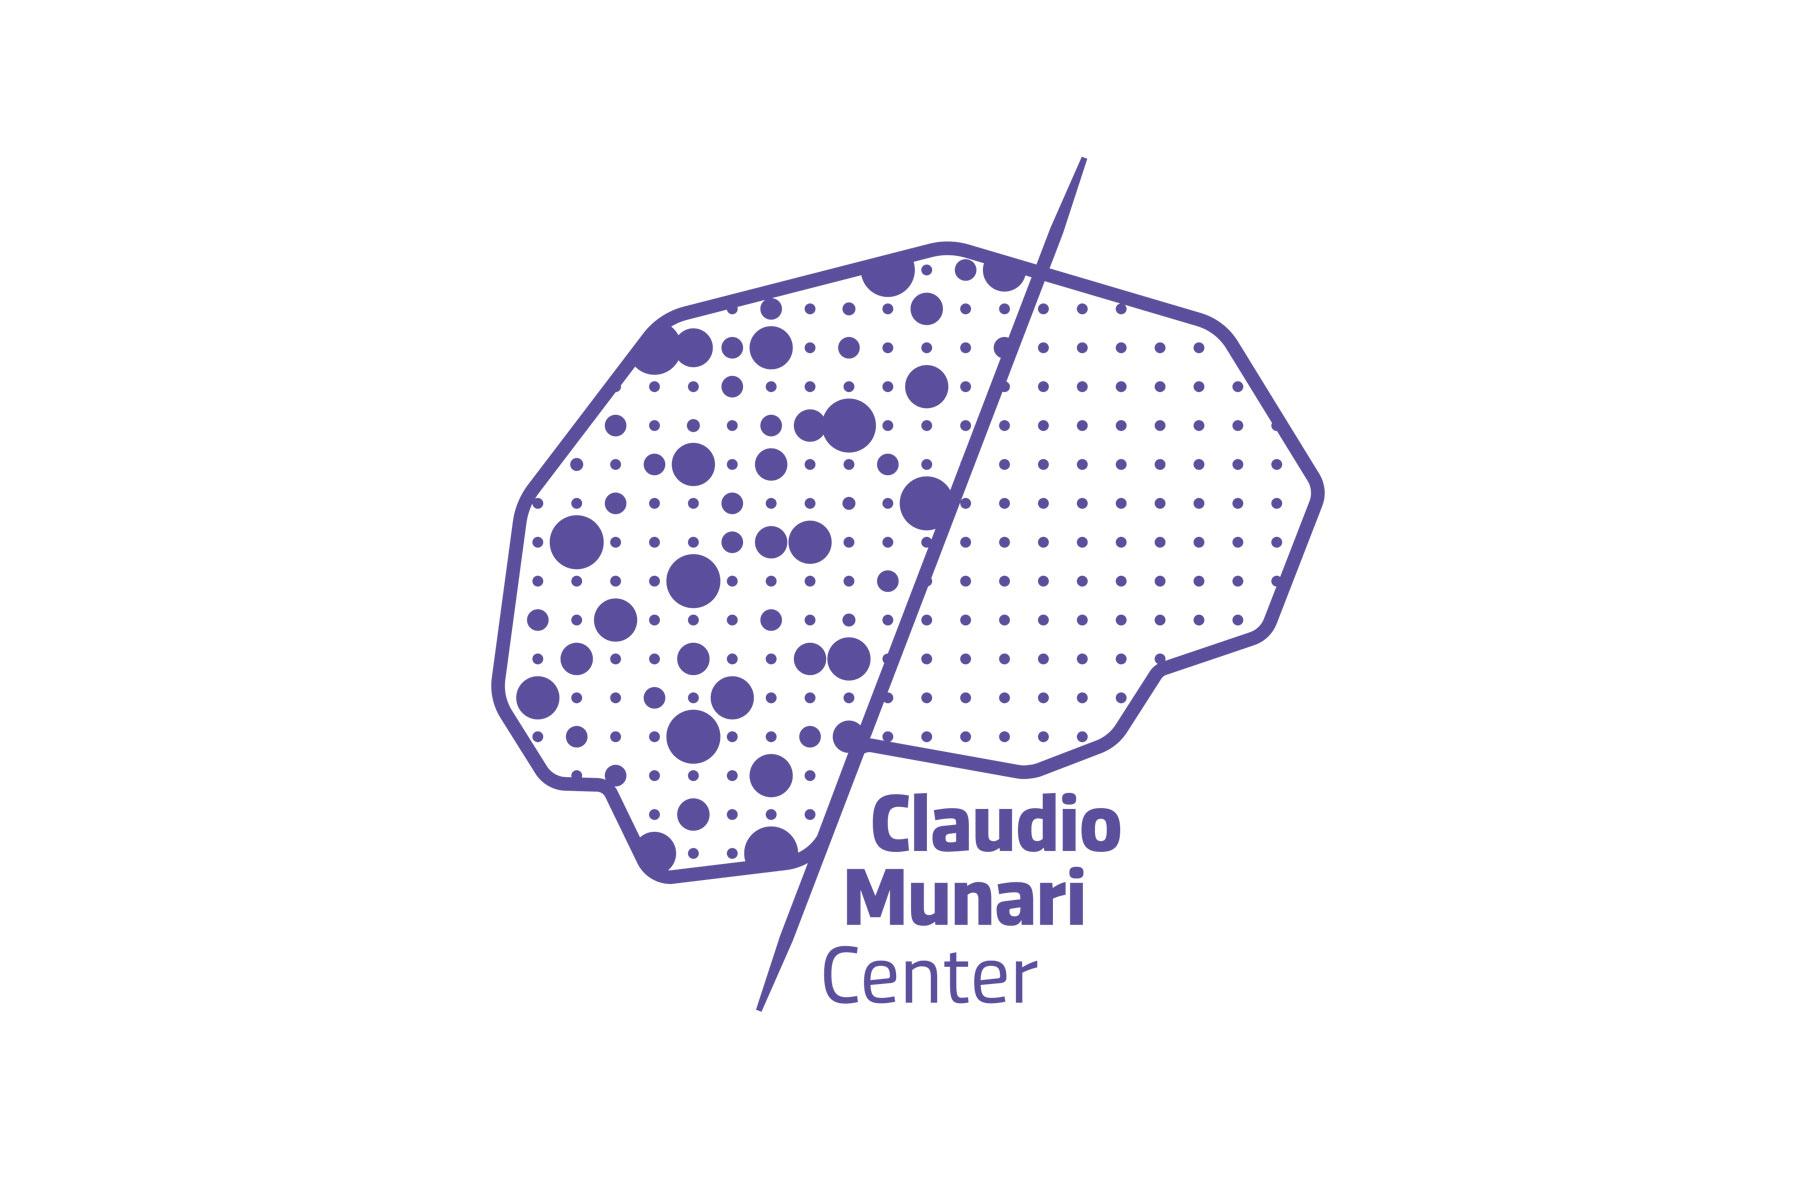 Il nuovo logo del Claudio Munari Center